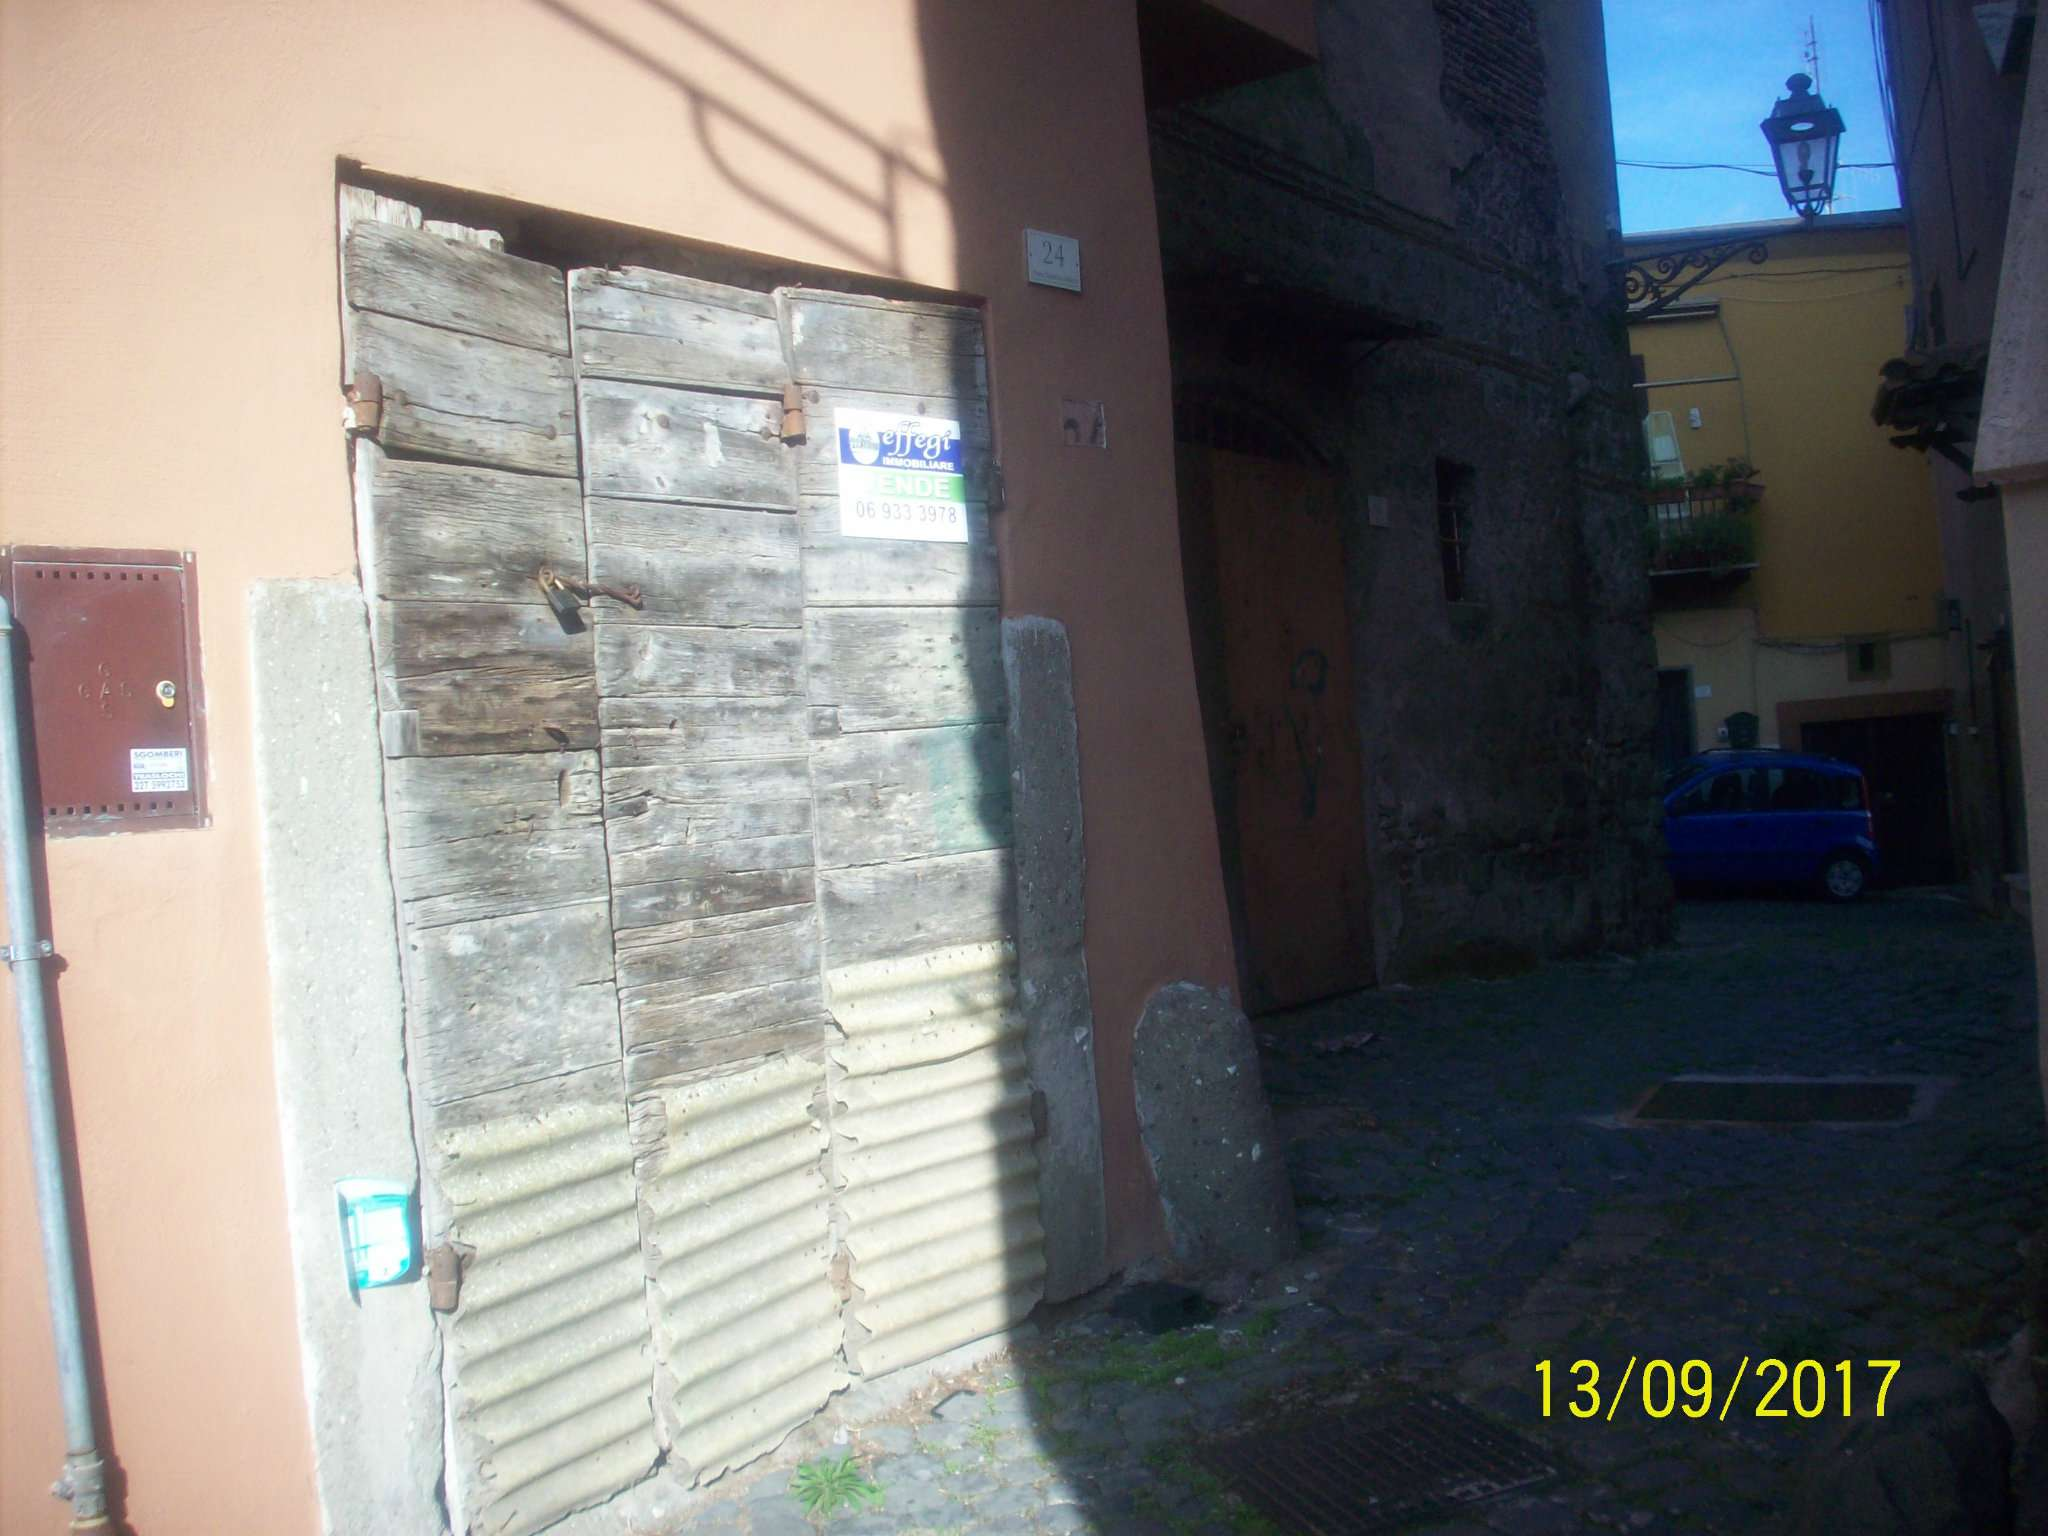 Magazzino in vendita a Ariccia, 1 locali, prezzo € 18.000 | CambioCasa.it